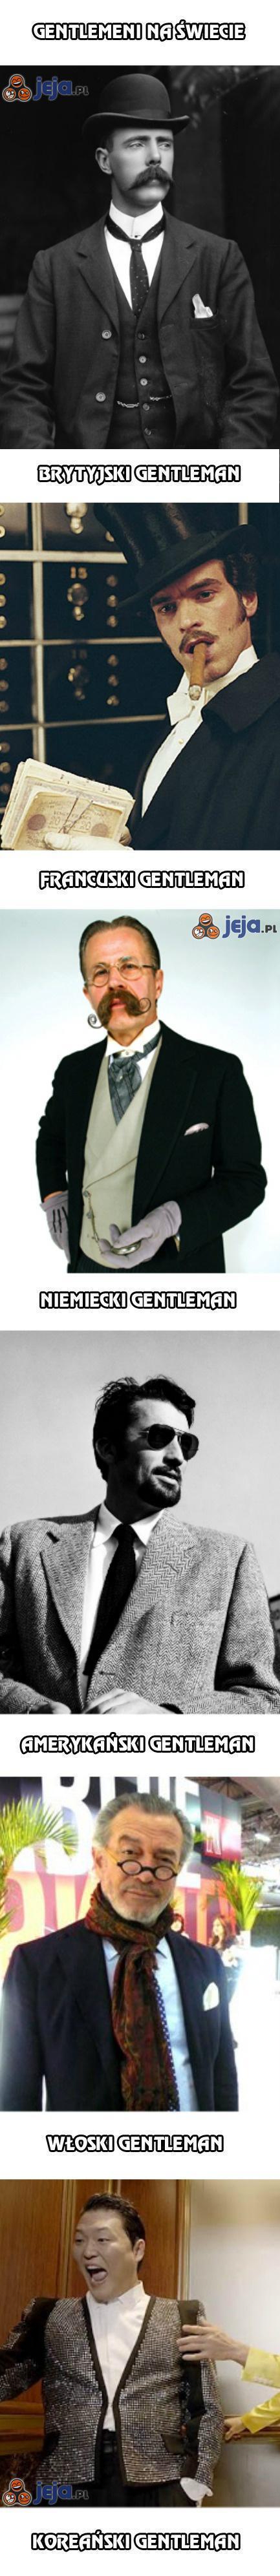 Gentlemeni na świecie